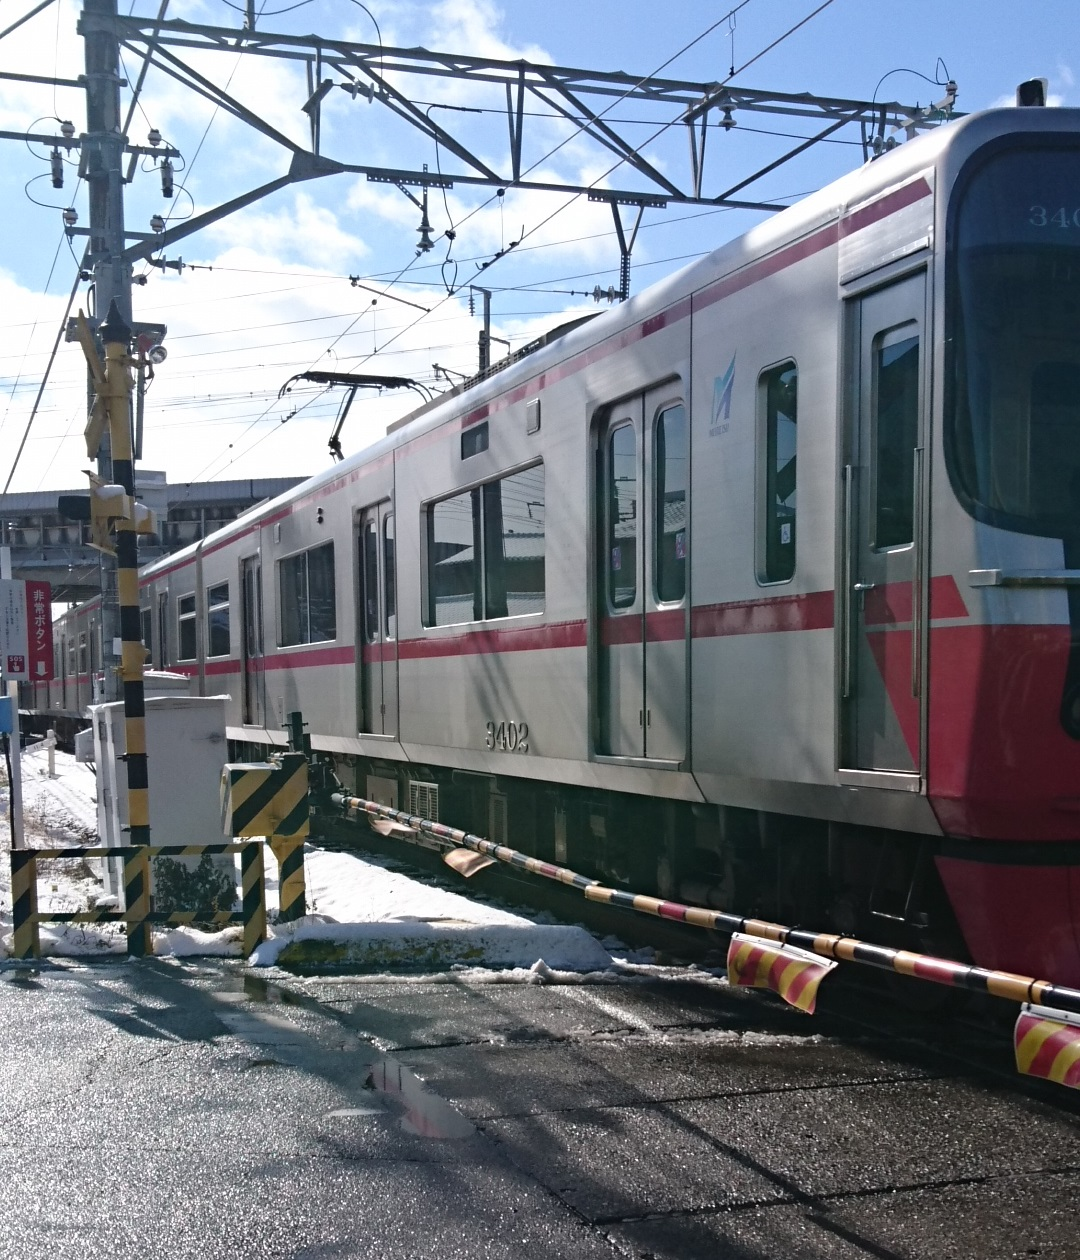 2017.1.15 西尾線 (2) 古井 - きたいき急行 1080-1260